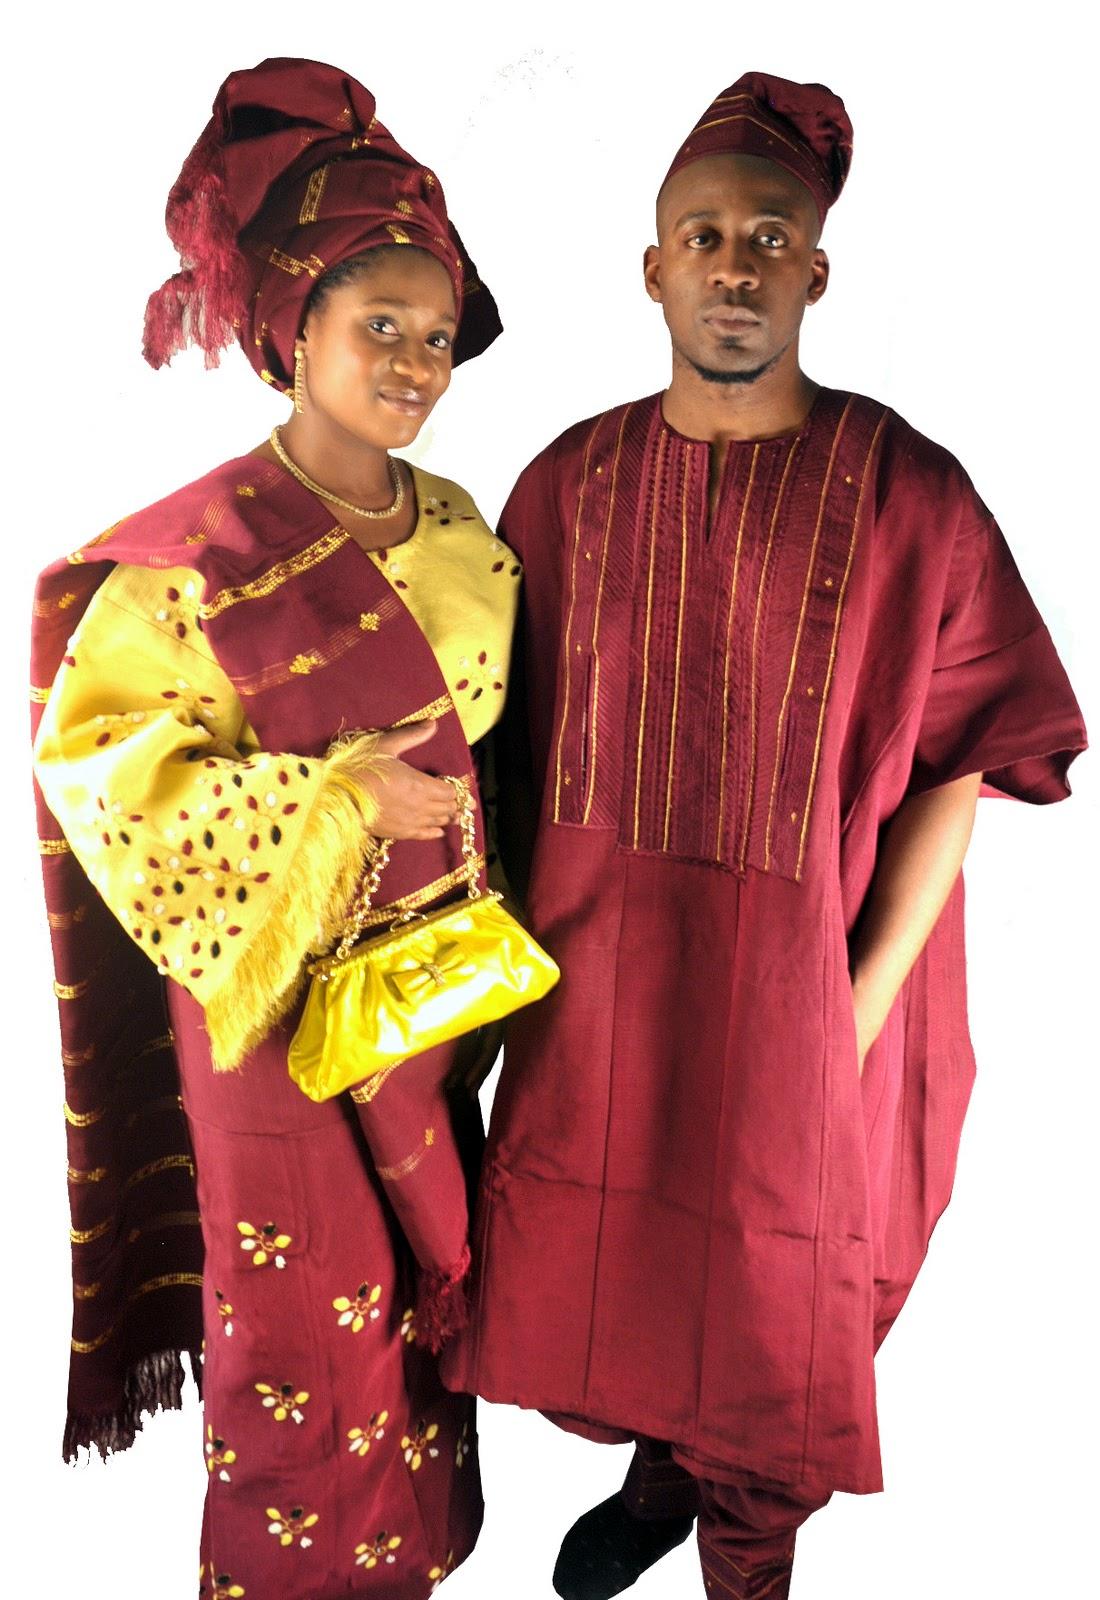 aso oke nigerian wedding dress - Traditional Marriage Cloth